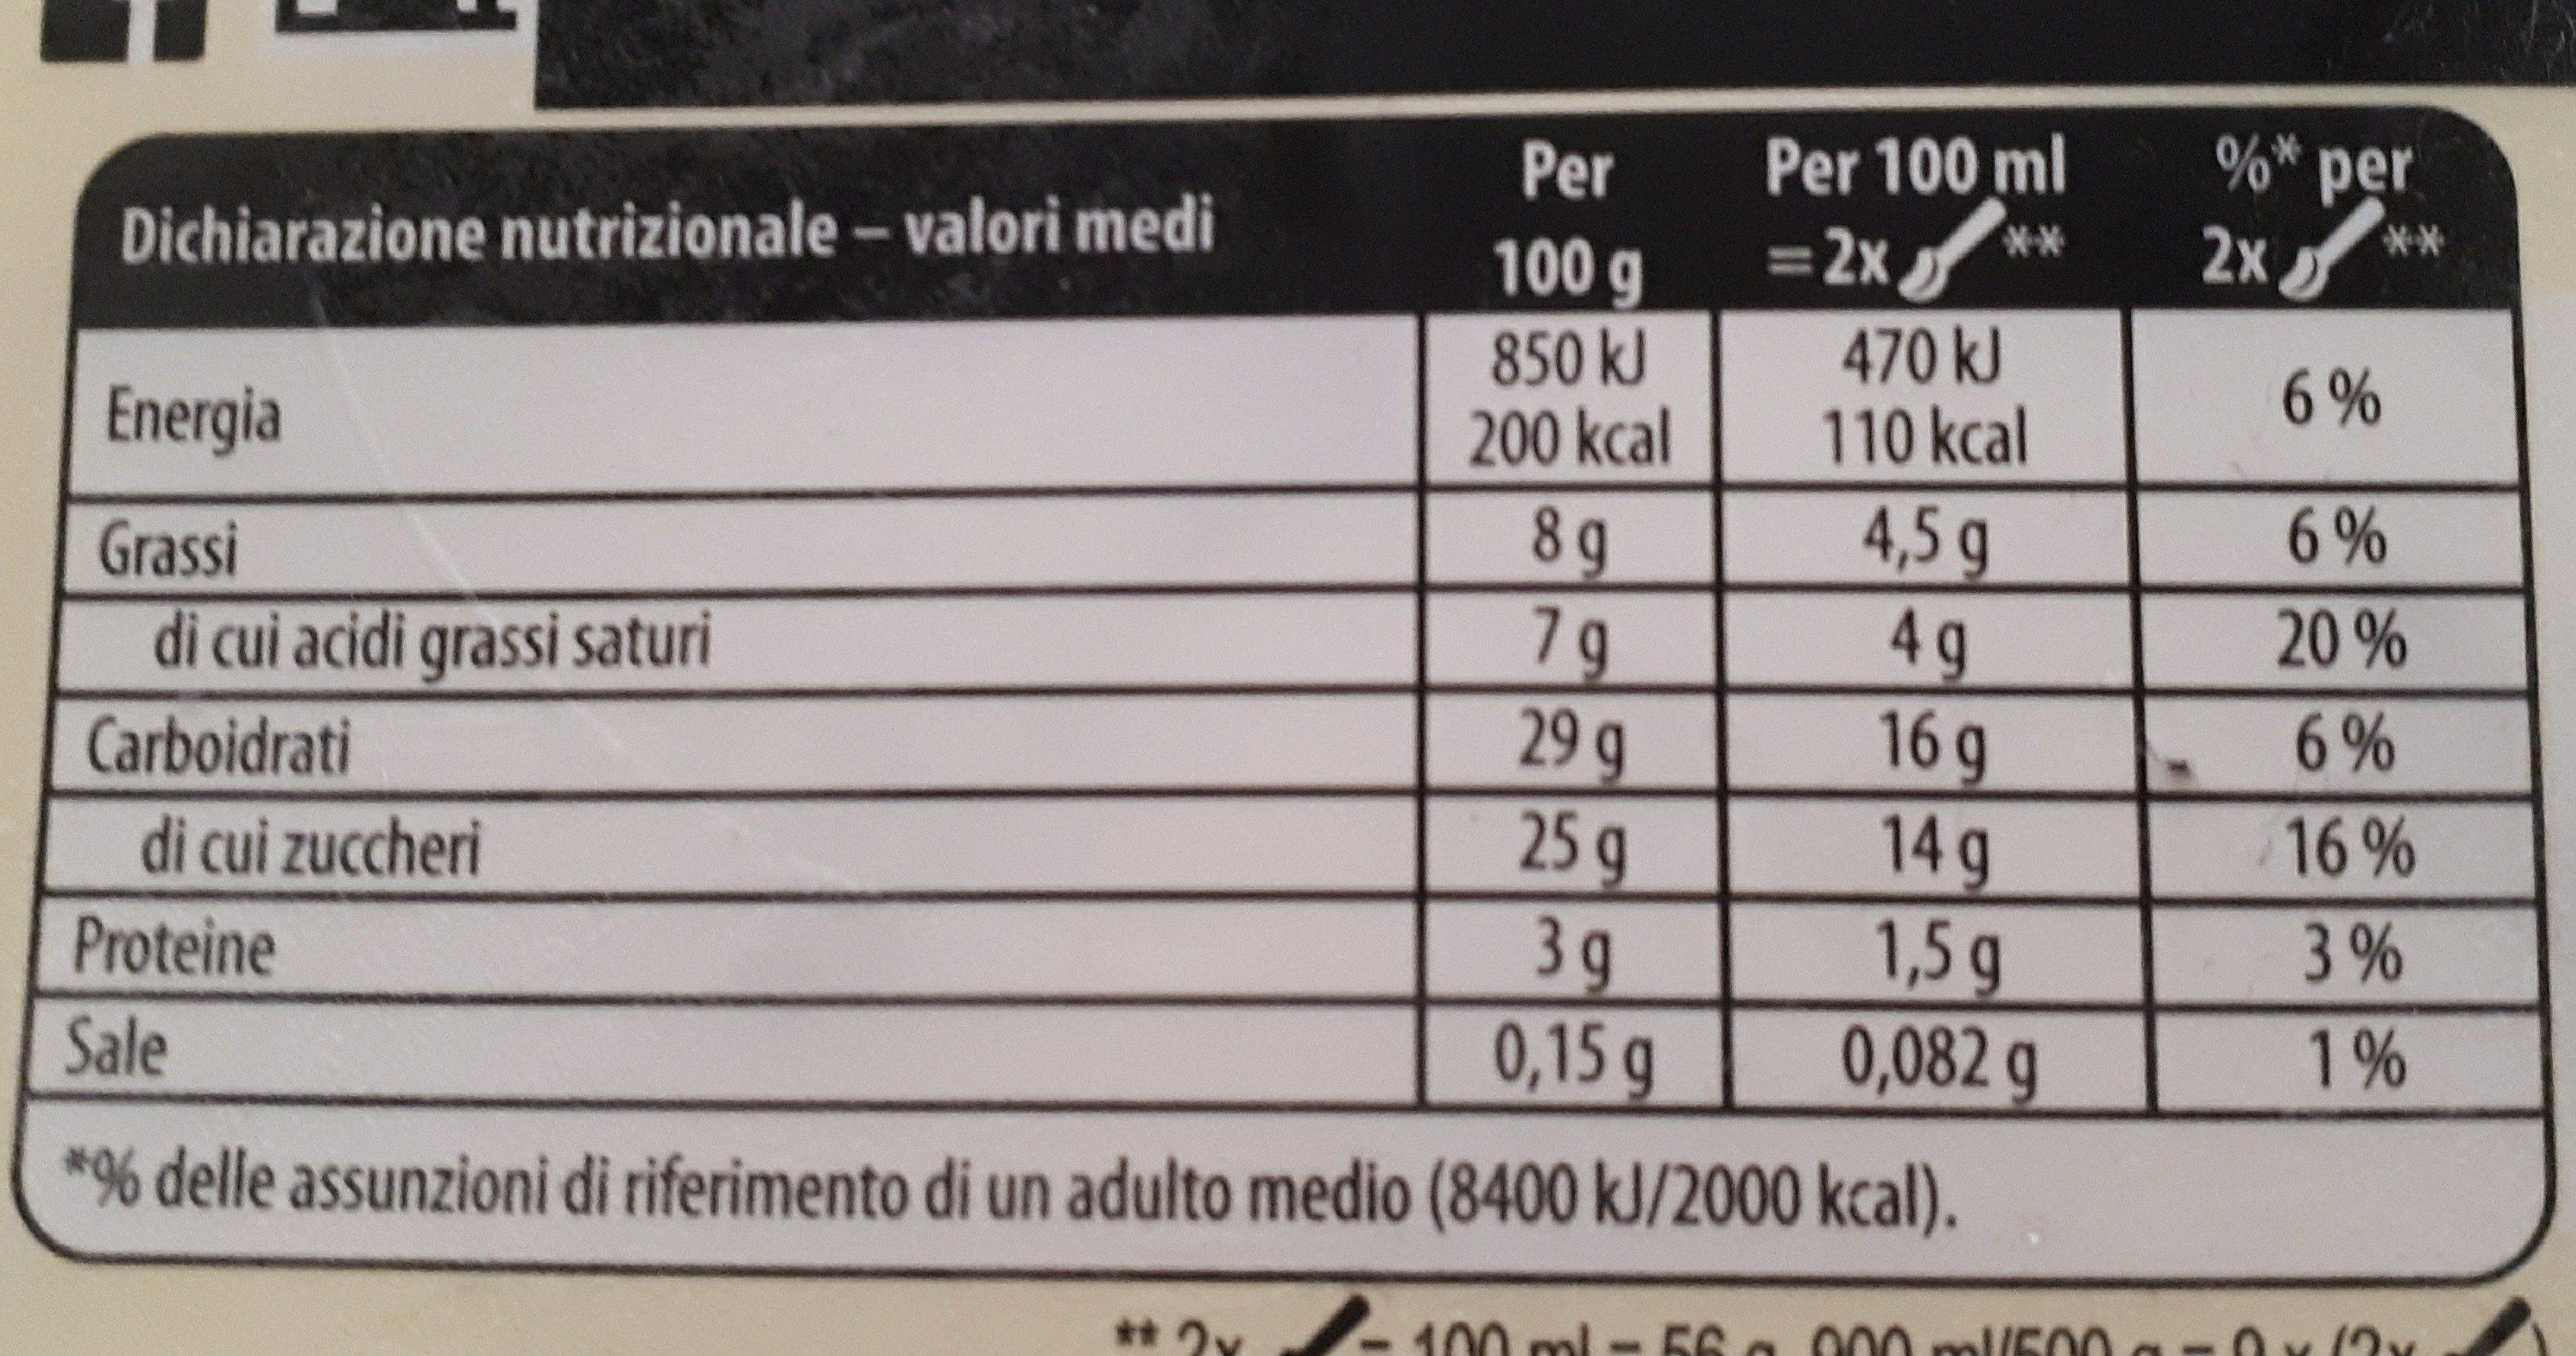 Affogato al caffè - Informations nutritionnelles - it